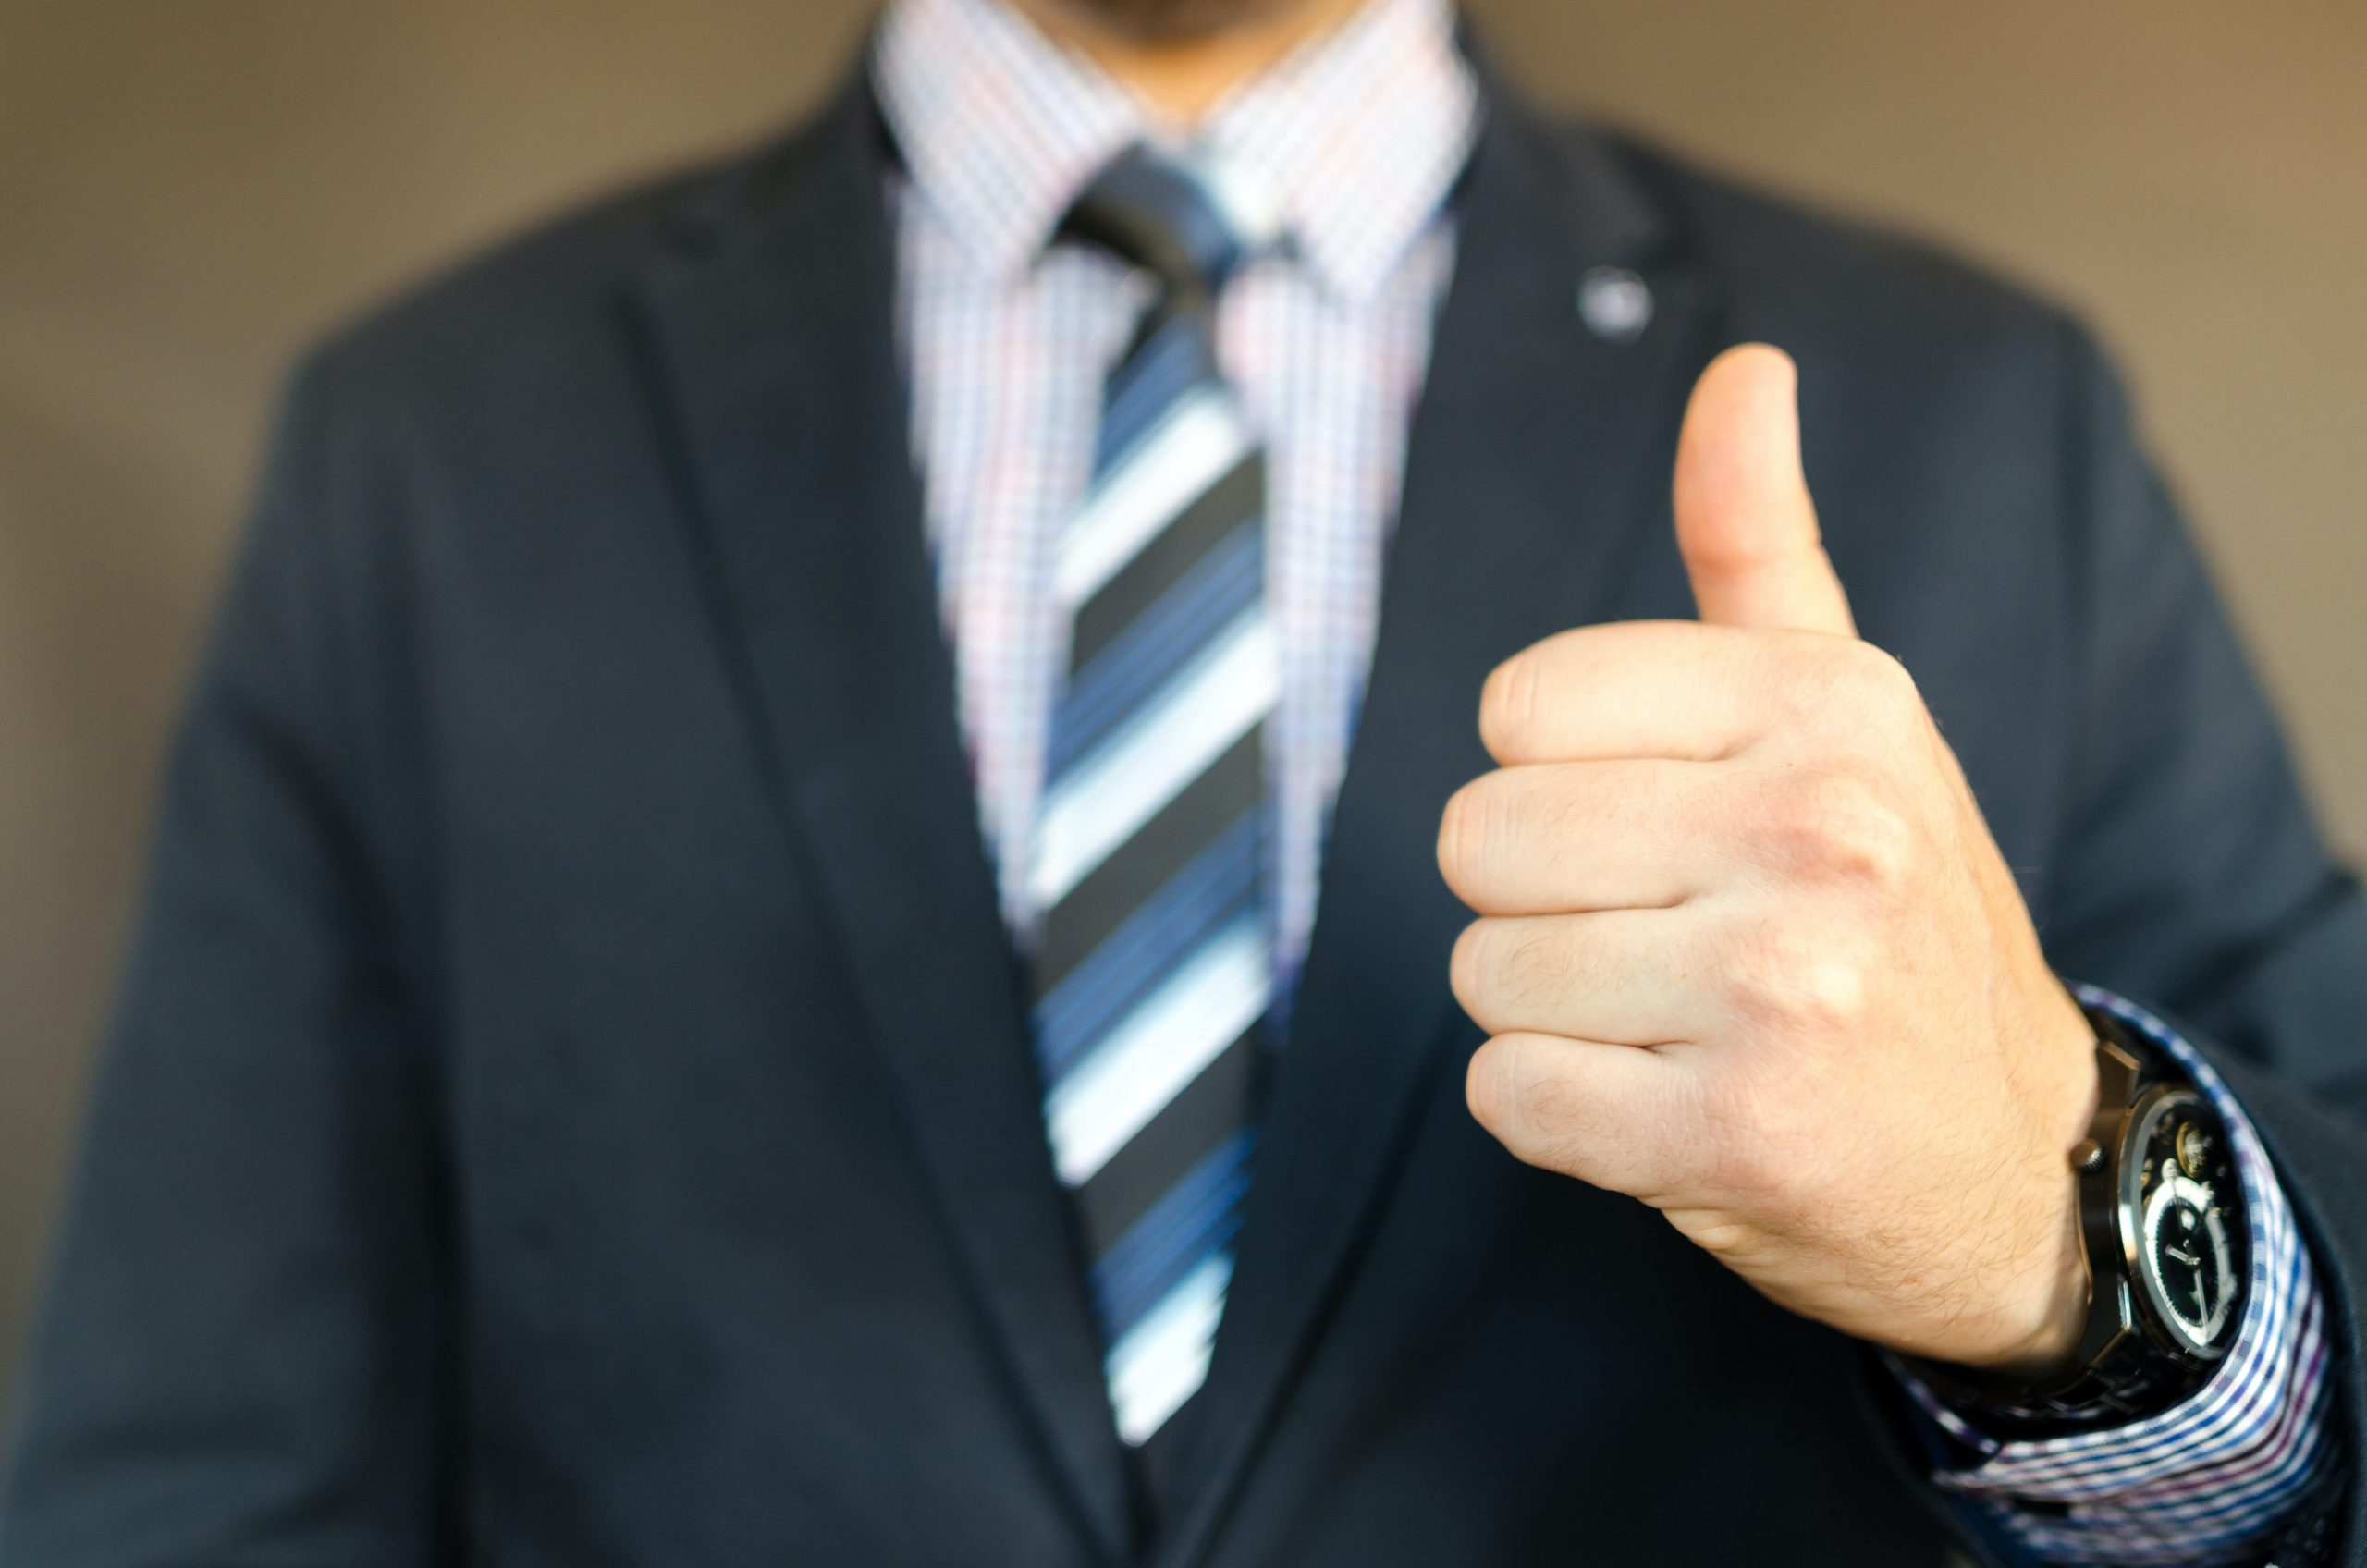 転職しない方がいい人で、どうしても転職したい人の対処法